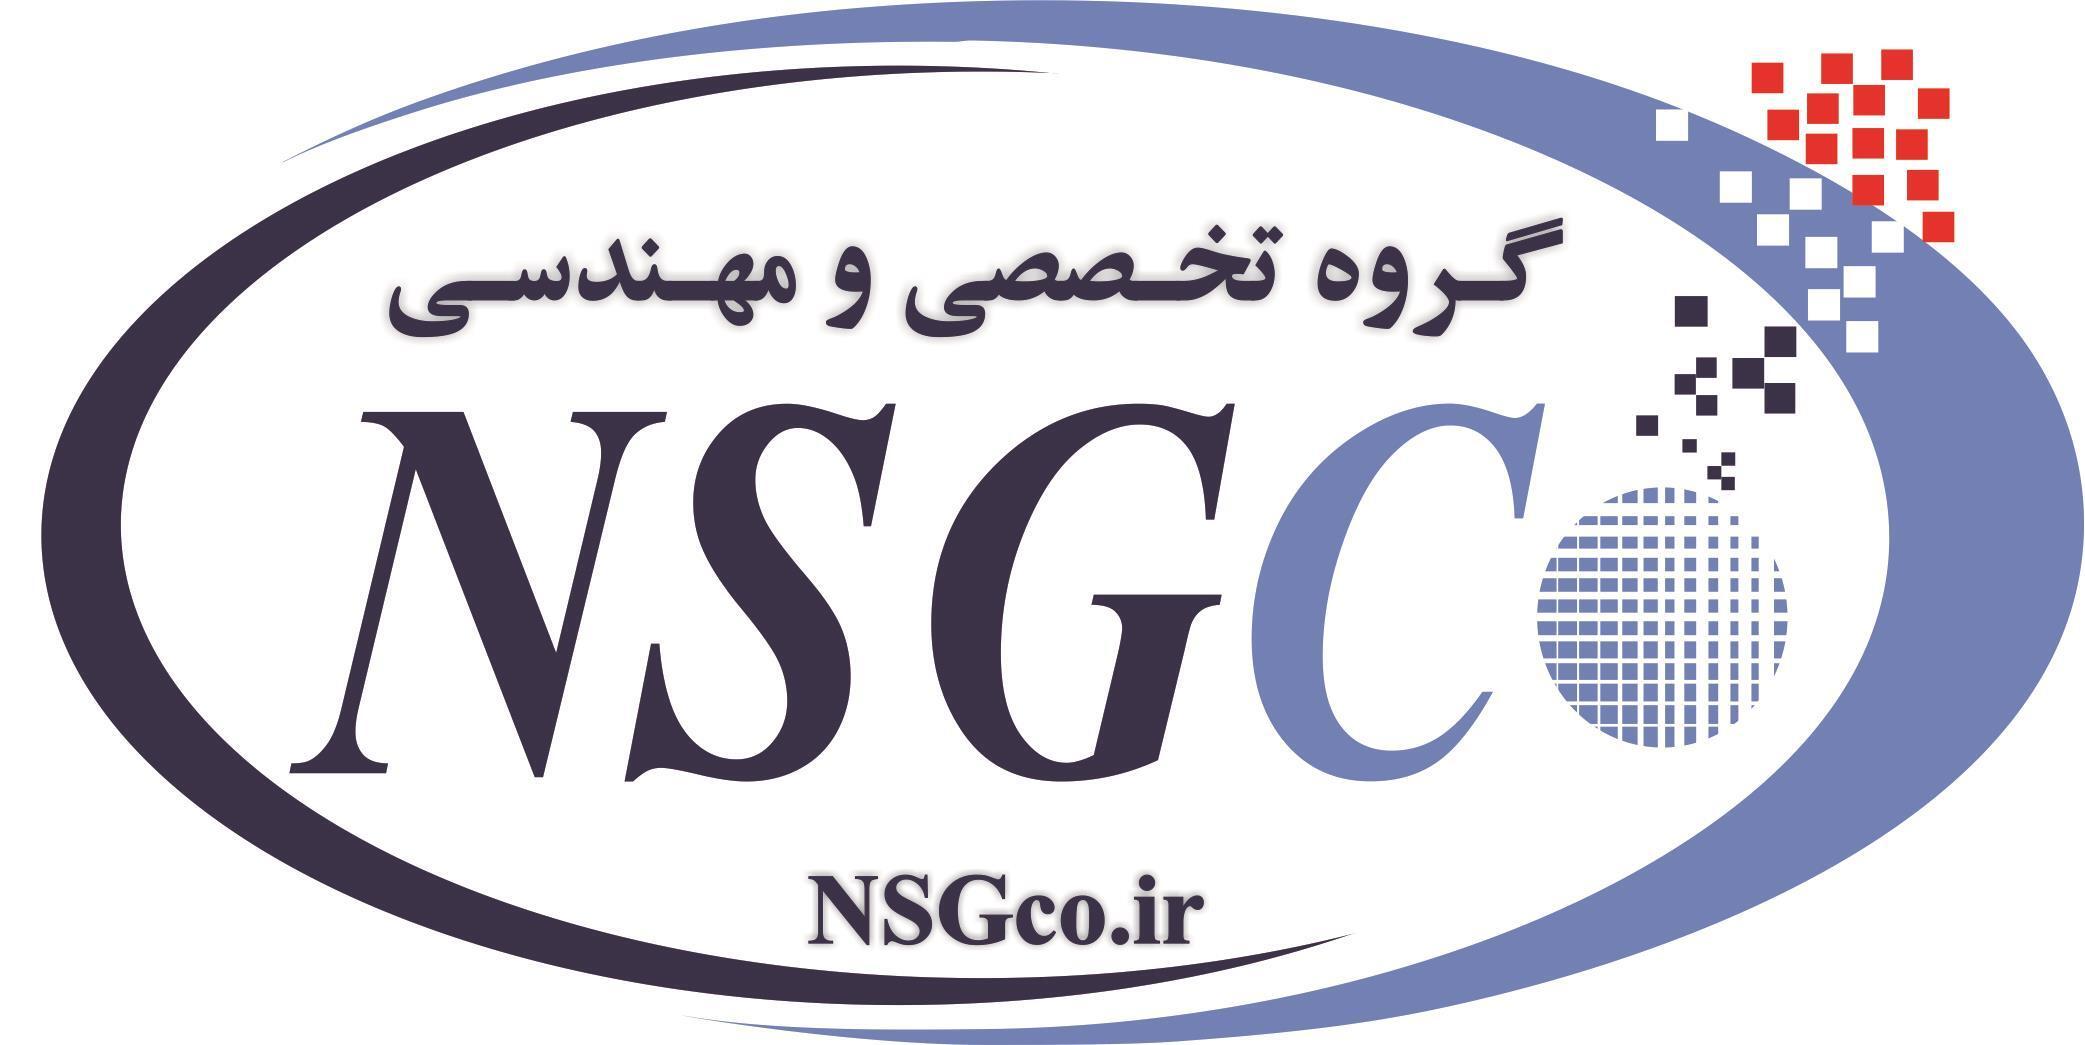 نوآوران صنعت پاد آب – NSG